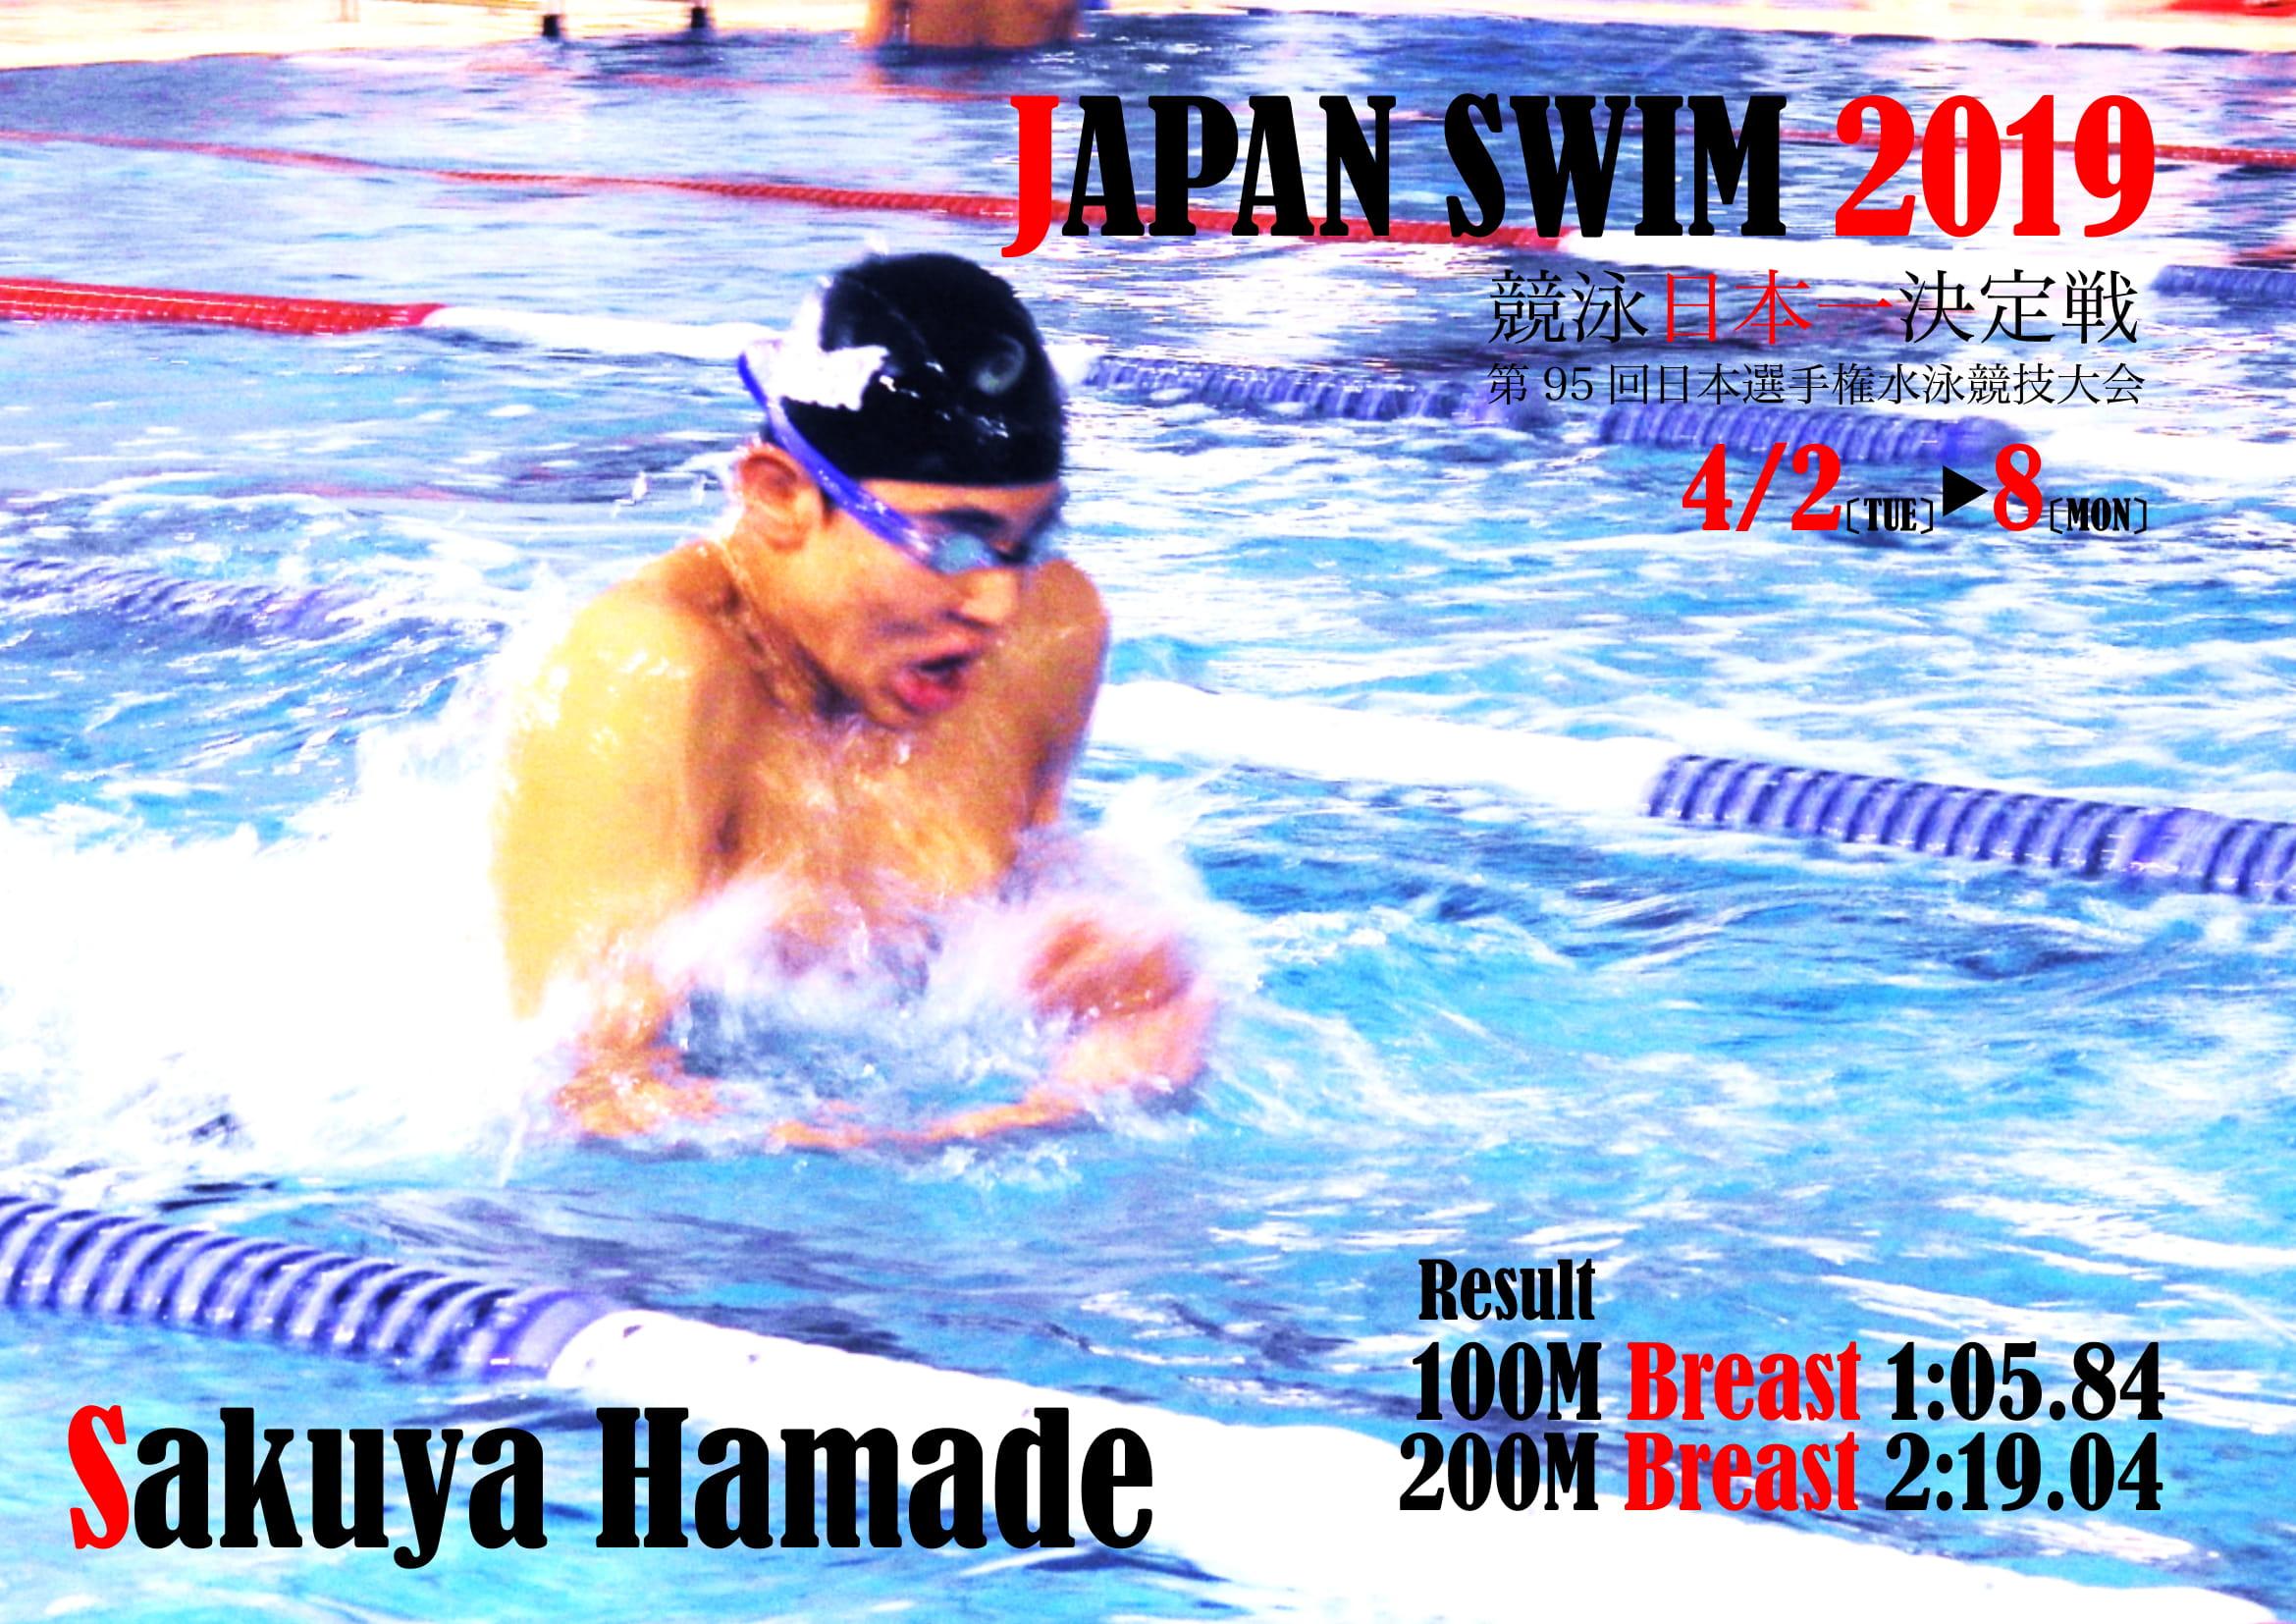 第95回 日本選手権水泳競技大会 大会結果